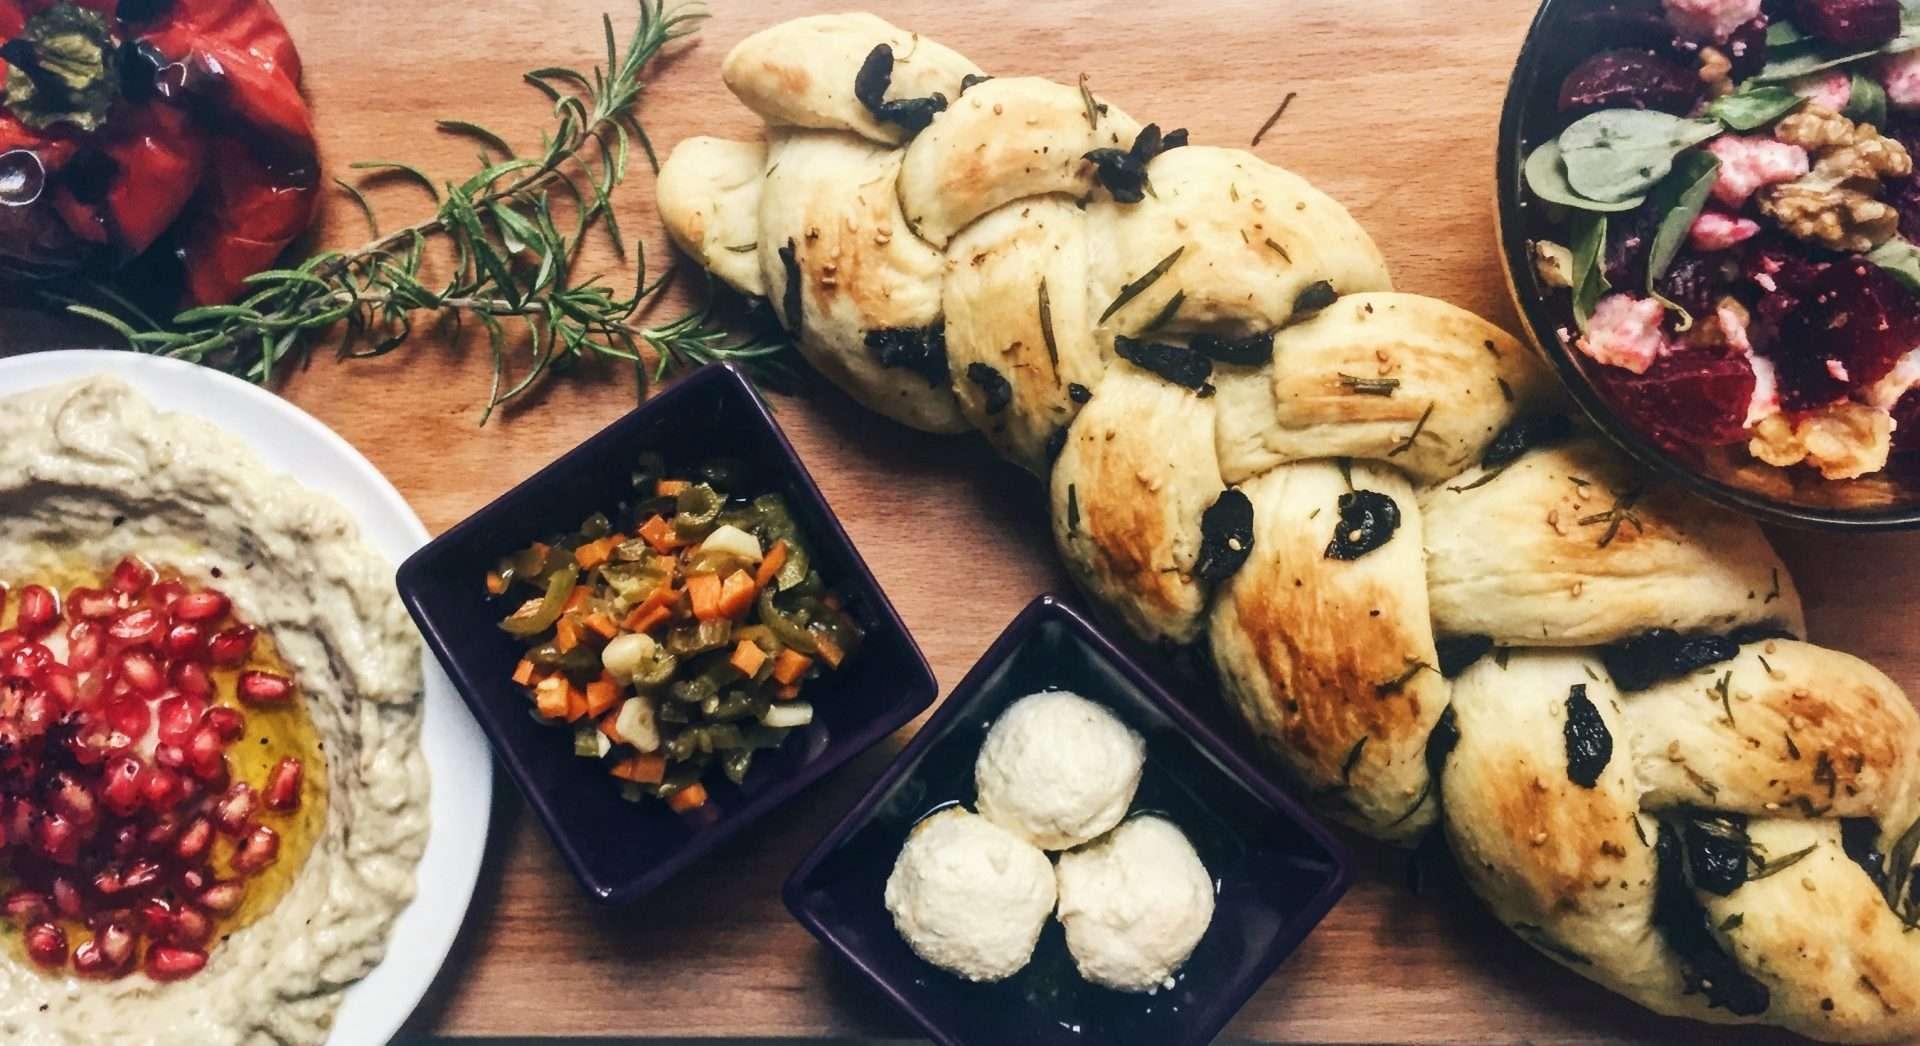 خبز الزيتون مع إكليل الجبل